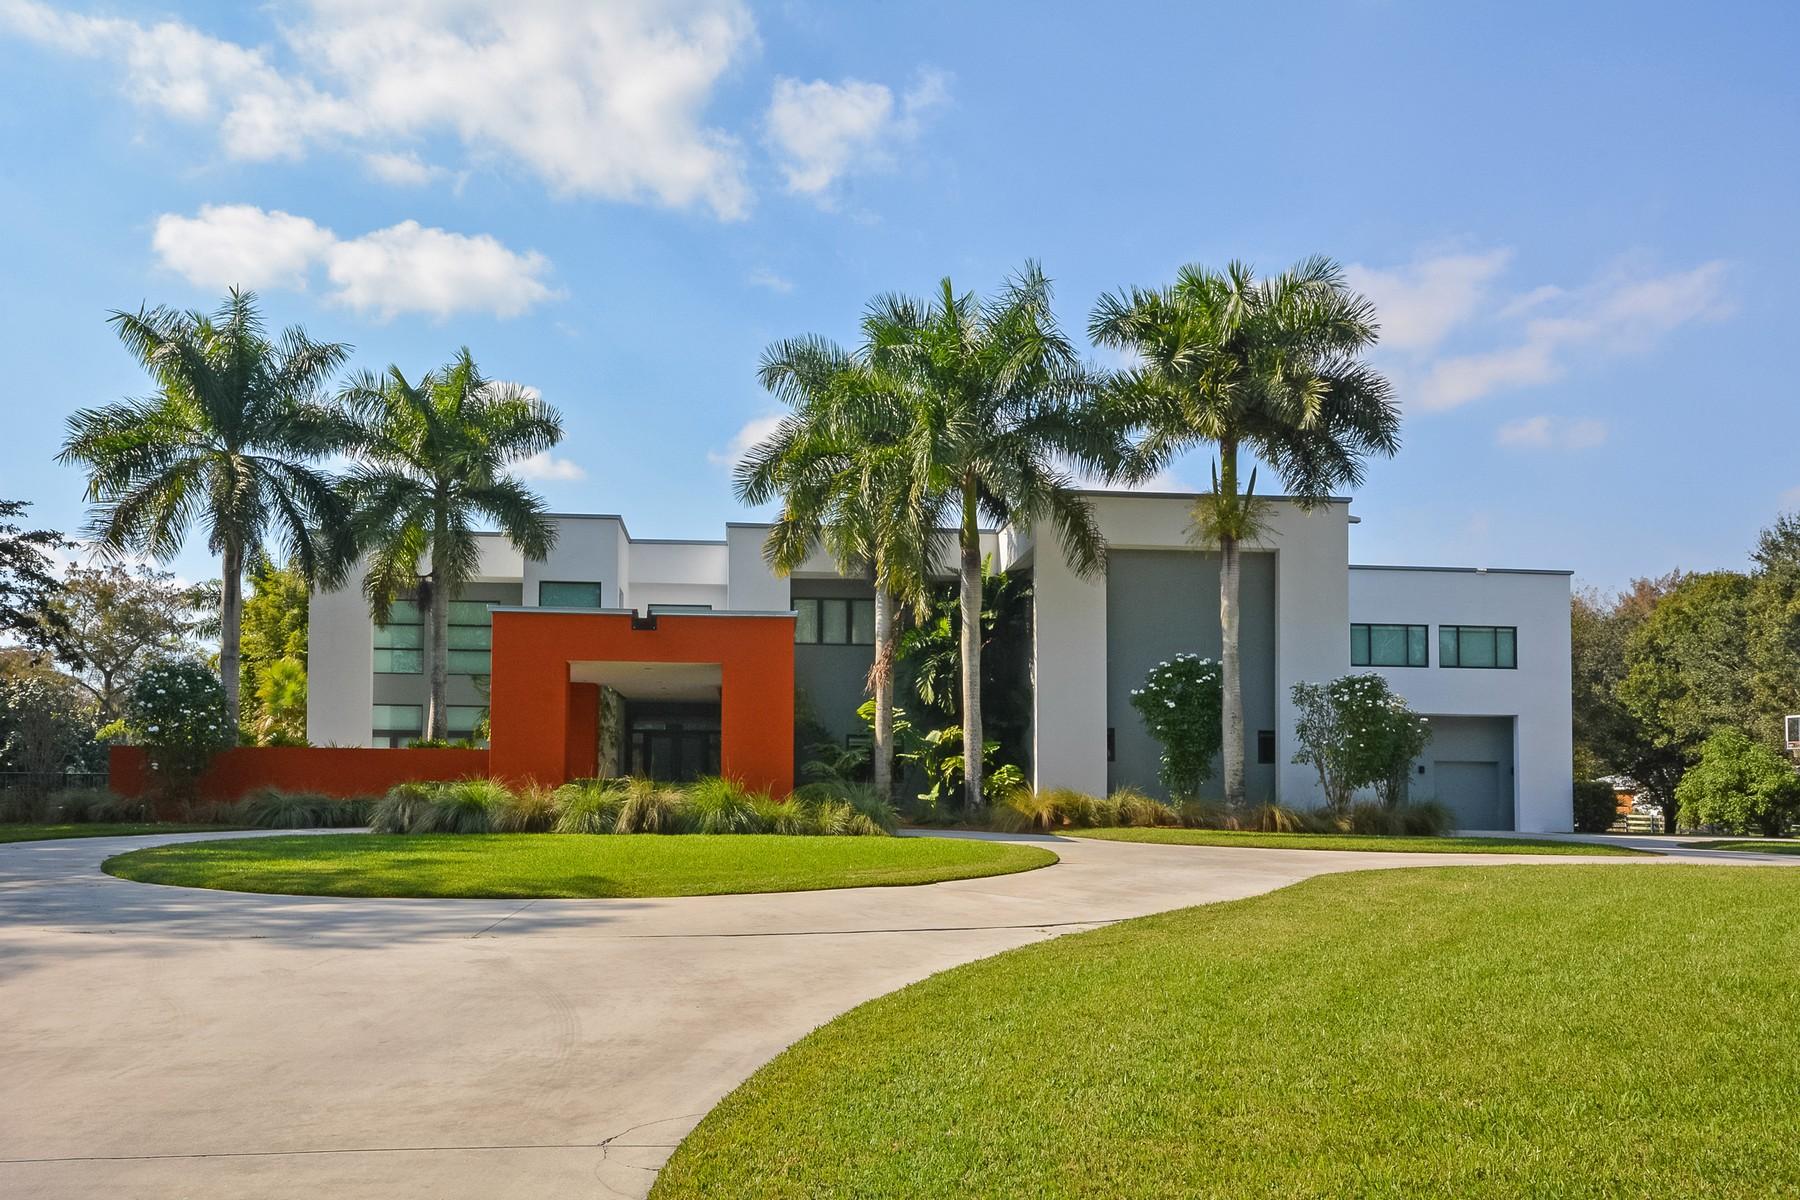 Casa para uma família para Venda às 19783 116th Ave S, Boca Raton, FL 33498 19783 116th Ave S Boca Raton, Florida 33498 Estados Unidos